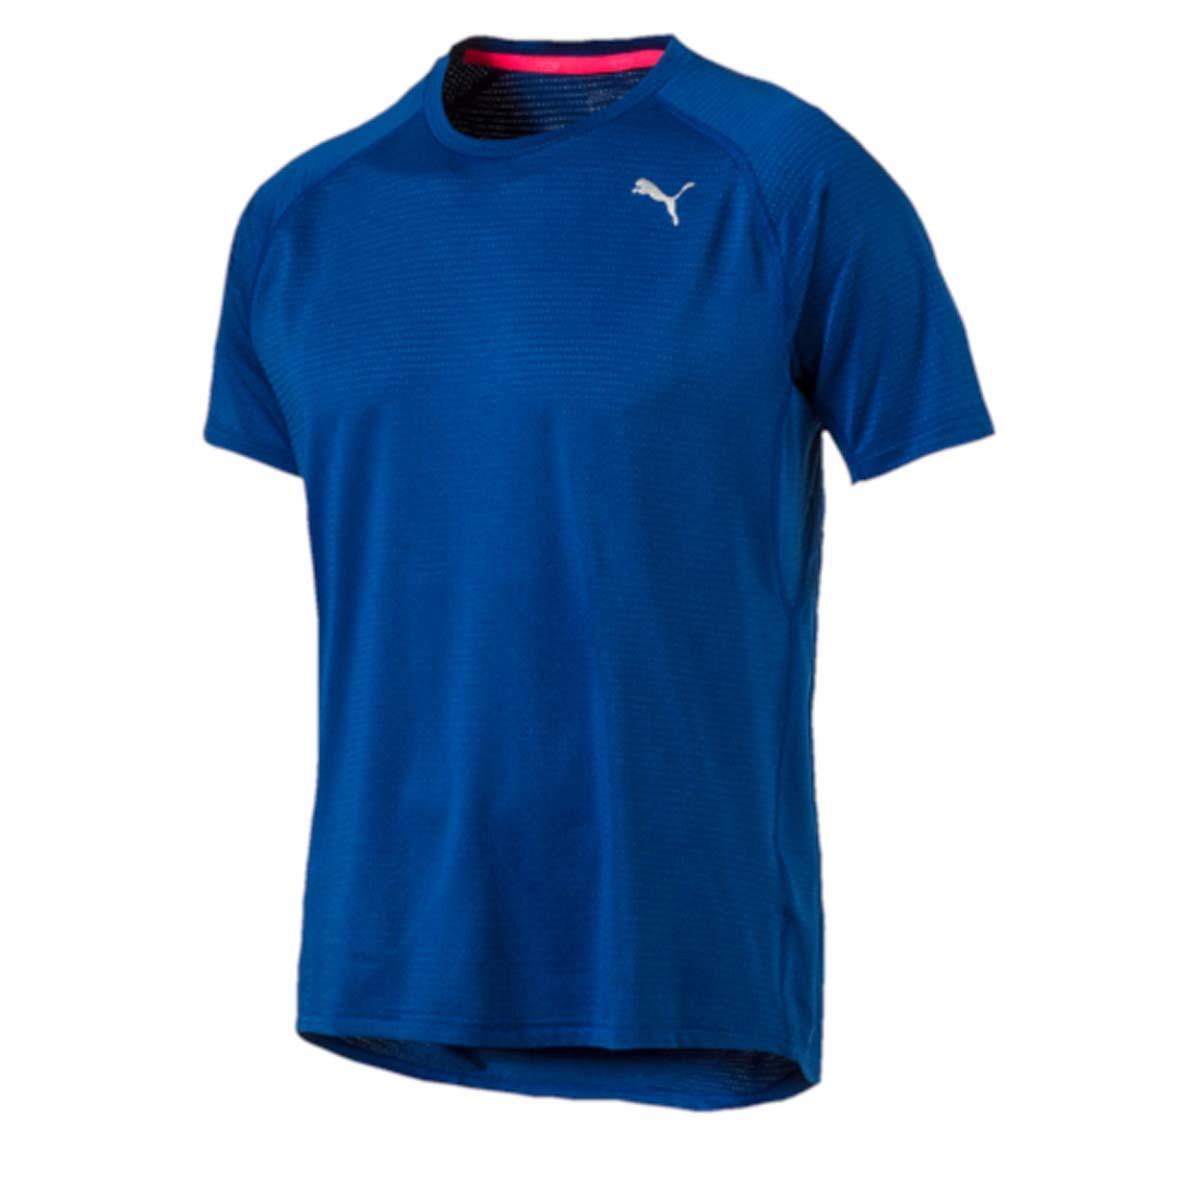 Футболка для бега мужская Puma Speed S/S Tee, цвет: синий. 51499503. Размер S (46/48)51499503Футболка Speed S/S Tee изготовлена с использованием высокофункциональной технологии dryCELL, которая отводит влагу, поддерживает тело сухим и гарантирует комфорт во время активных тренировок и занятий спортом. Она скроена таким образом, чтобы в местах наибольшего натяжения во время бега или активных движений появлялись прорези для улучшения вентиляции, отводящие от тела излишнее тепло. В то же время благодаря передовой технологии Thermo-R при переходе на шаг или остановке эти прорези закрываются, и вы не переохлаждаетесь. Плоские швы не натирают кожу и обеспечивают непревзойденный комфорт. Рукава-реглан обеспечивают полную свободу движений. Удлиненный задний подол не задирается и закрывает поясницу. Футболка декорирована спереди и сзади логотипом и другими элементами из переливающегося светоотражающего материала, благодаря чему вас хорошо видно с любого ракурса в темное время суток.